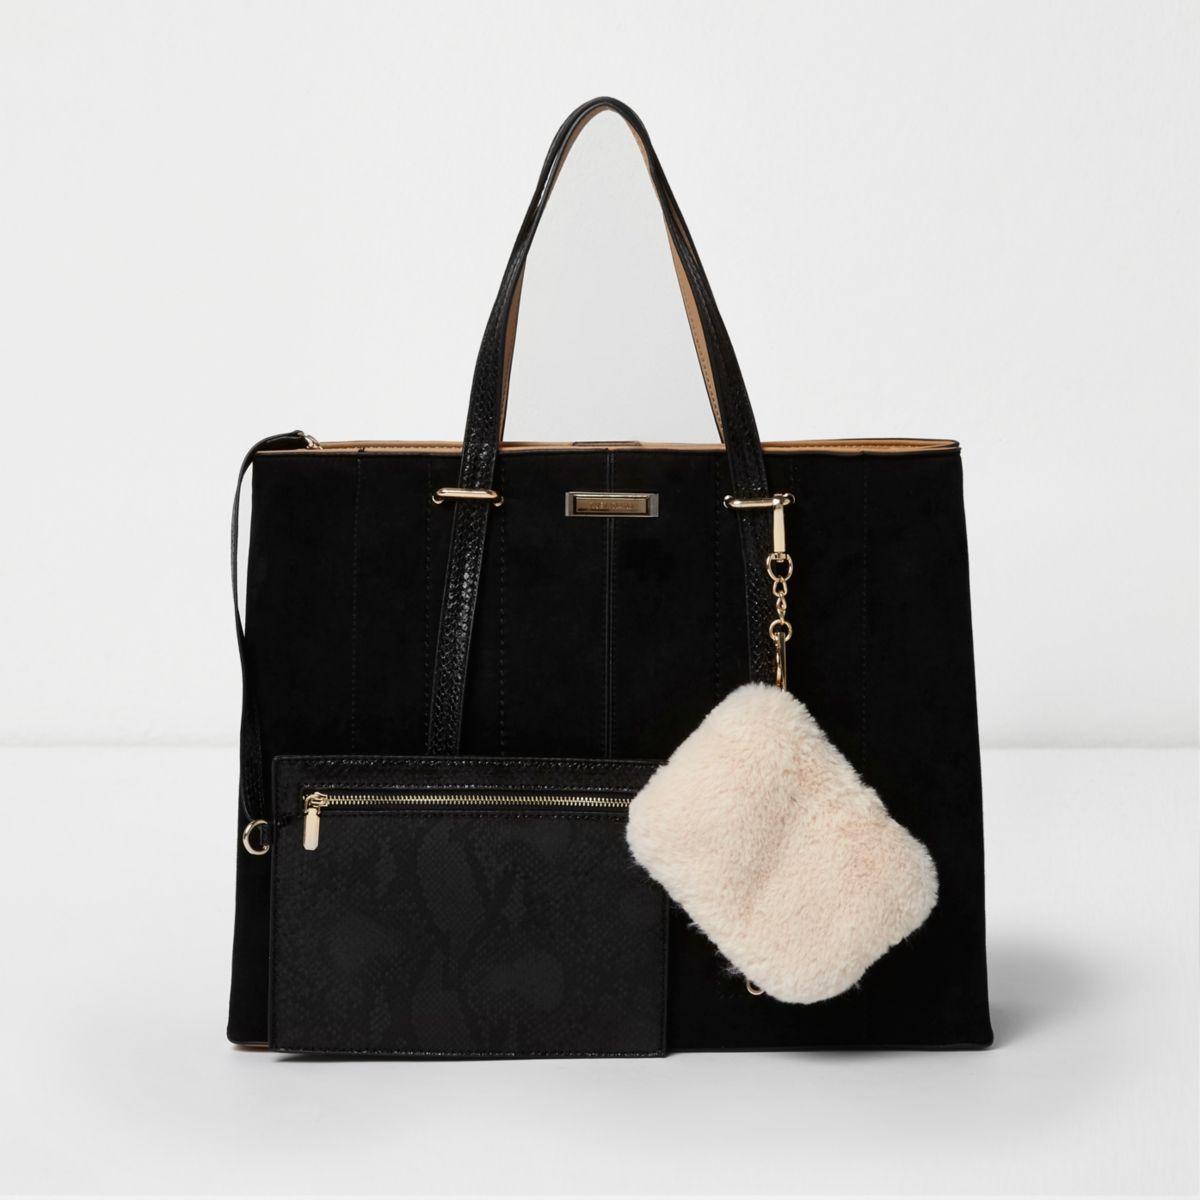 Rieten Tas Met Lang Hengsel : Zwarte handtas met lang hengsel en pouch van imitatiebont